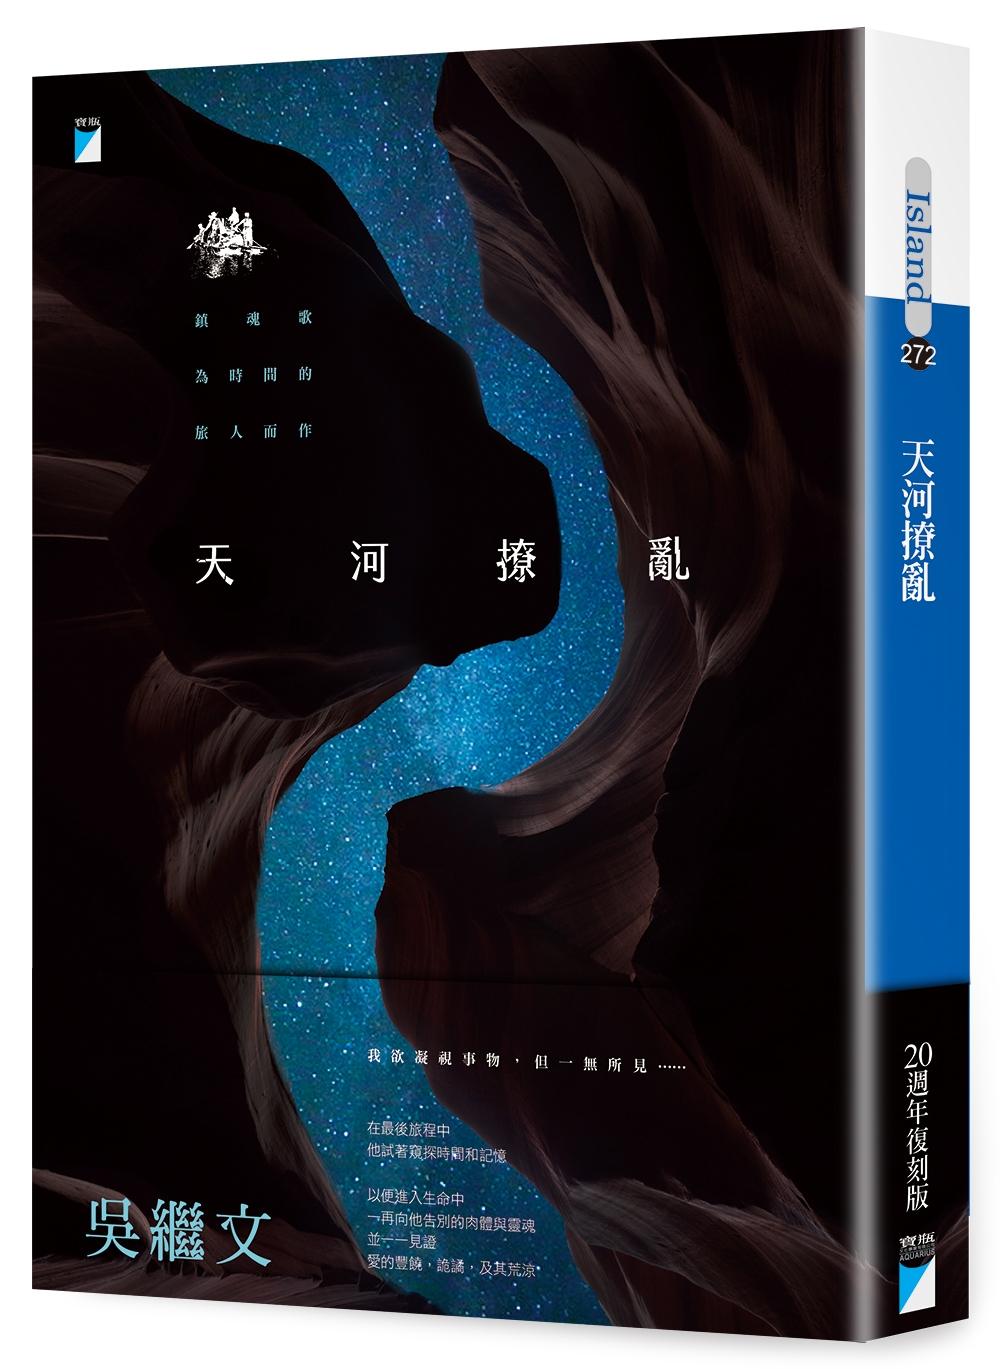 天河撩亂(20週年復刻版)吳繼文限量親簽版